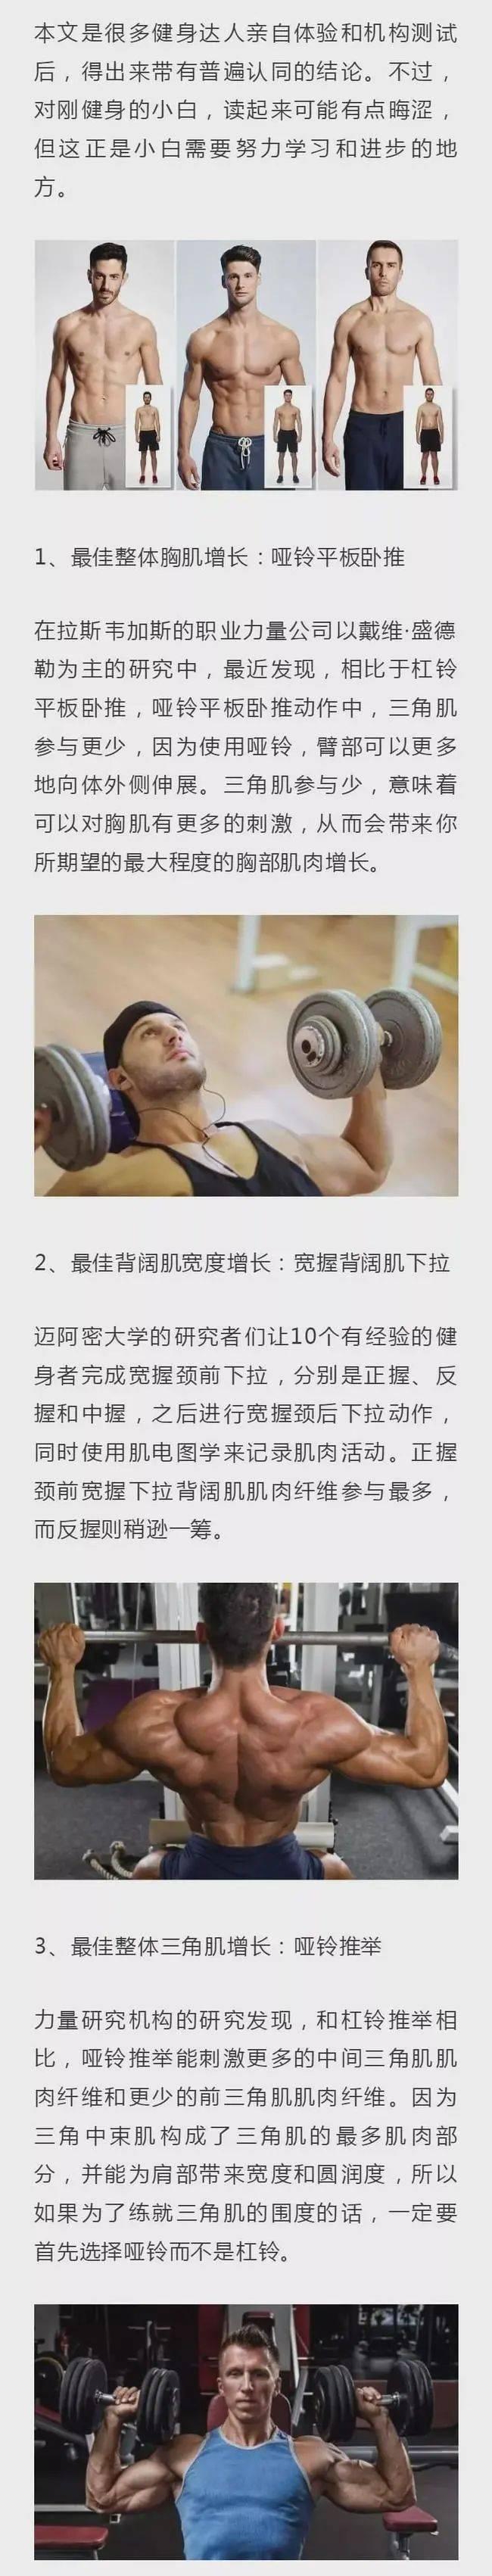 9个健身中的最佳动作,只有5%的人知道